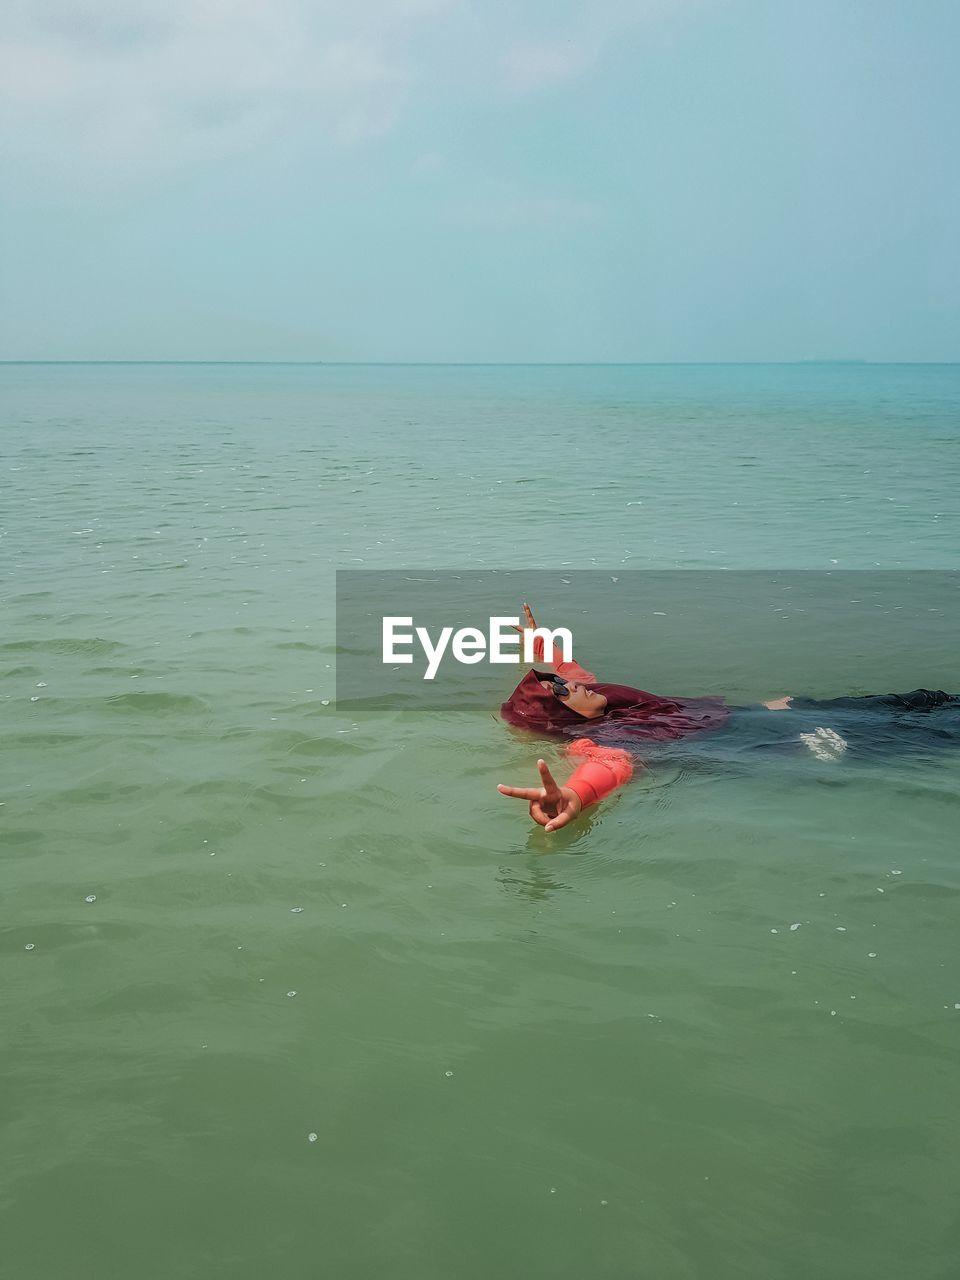 PERSON IN SEA